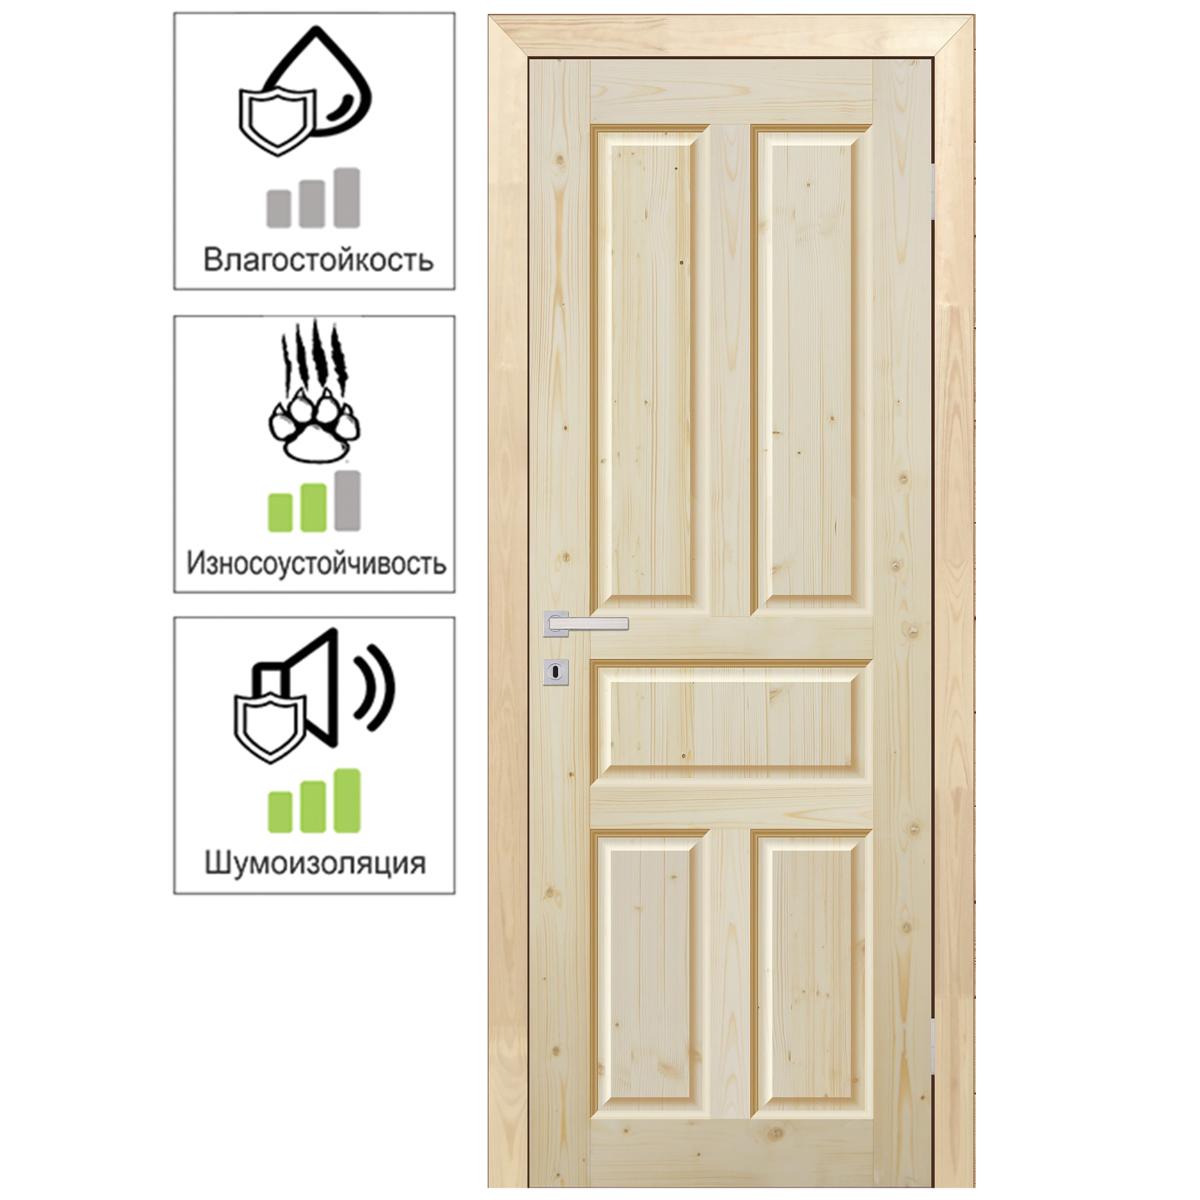 Дверь Межкомнатная Глухая Кантри 60x200 Хвоя Цвет Натуральный